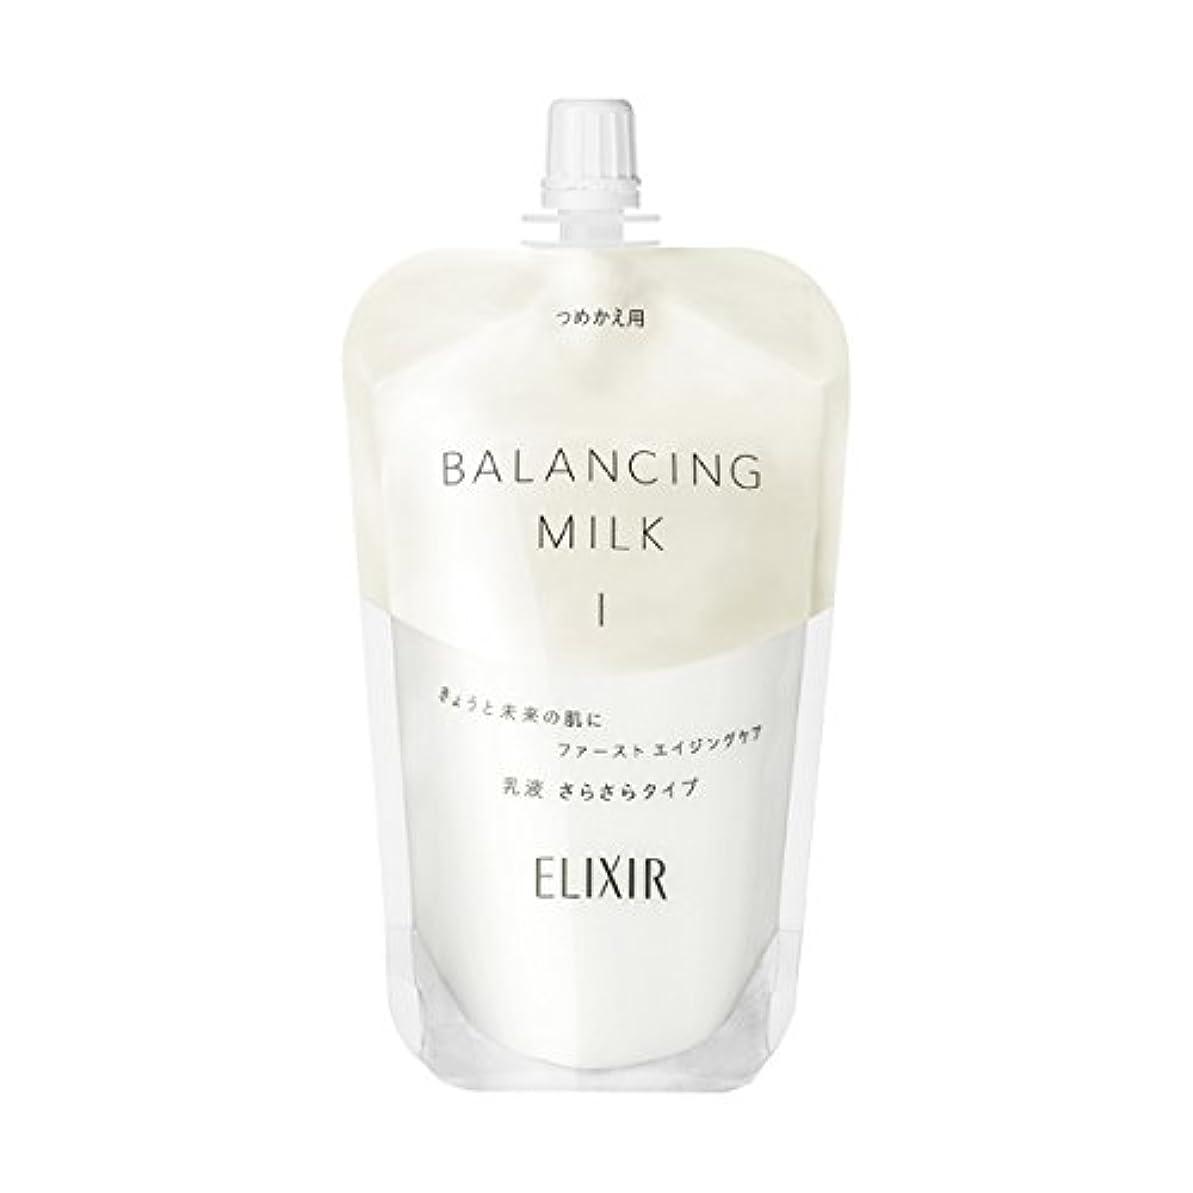 農場スパイラルコールエリクシール ルフレ バランシング ミルク 乳液 1 (さらさらタイプ) (つめかえ用) 110mL